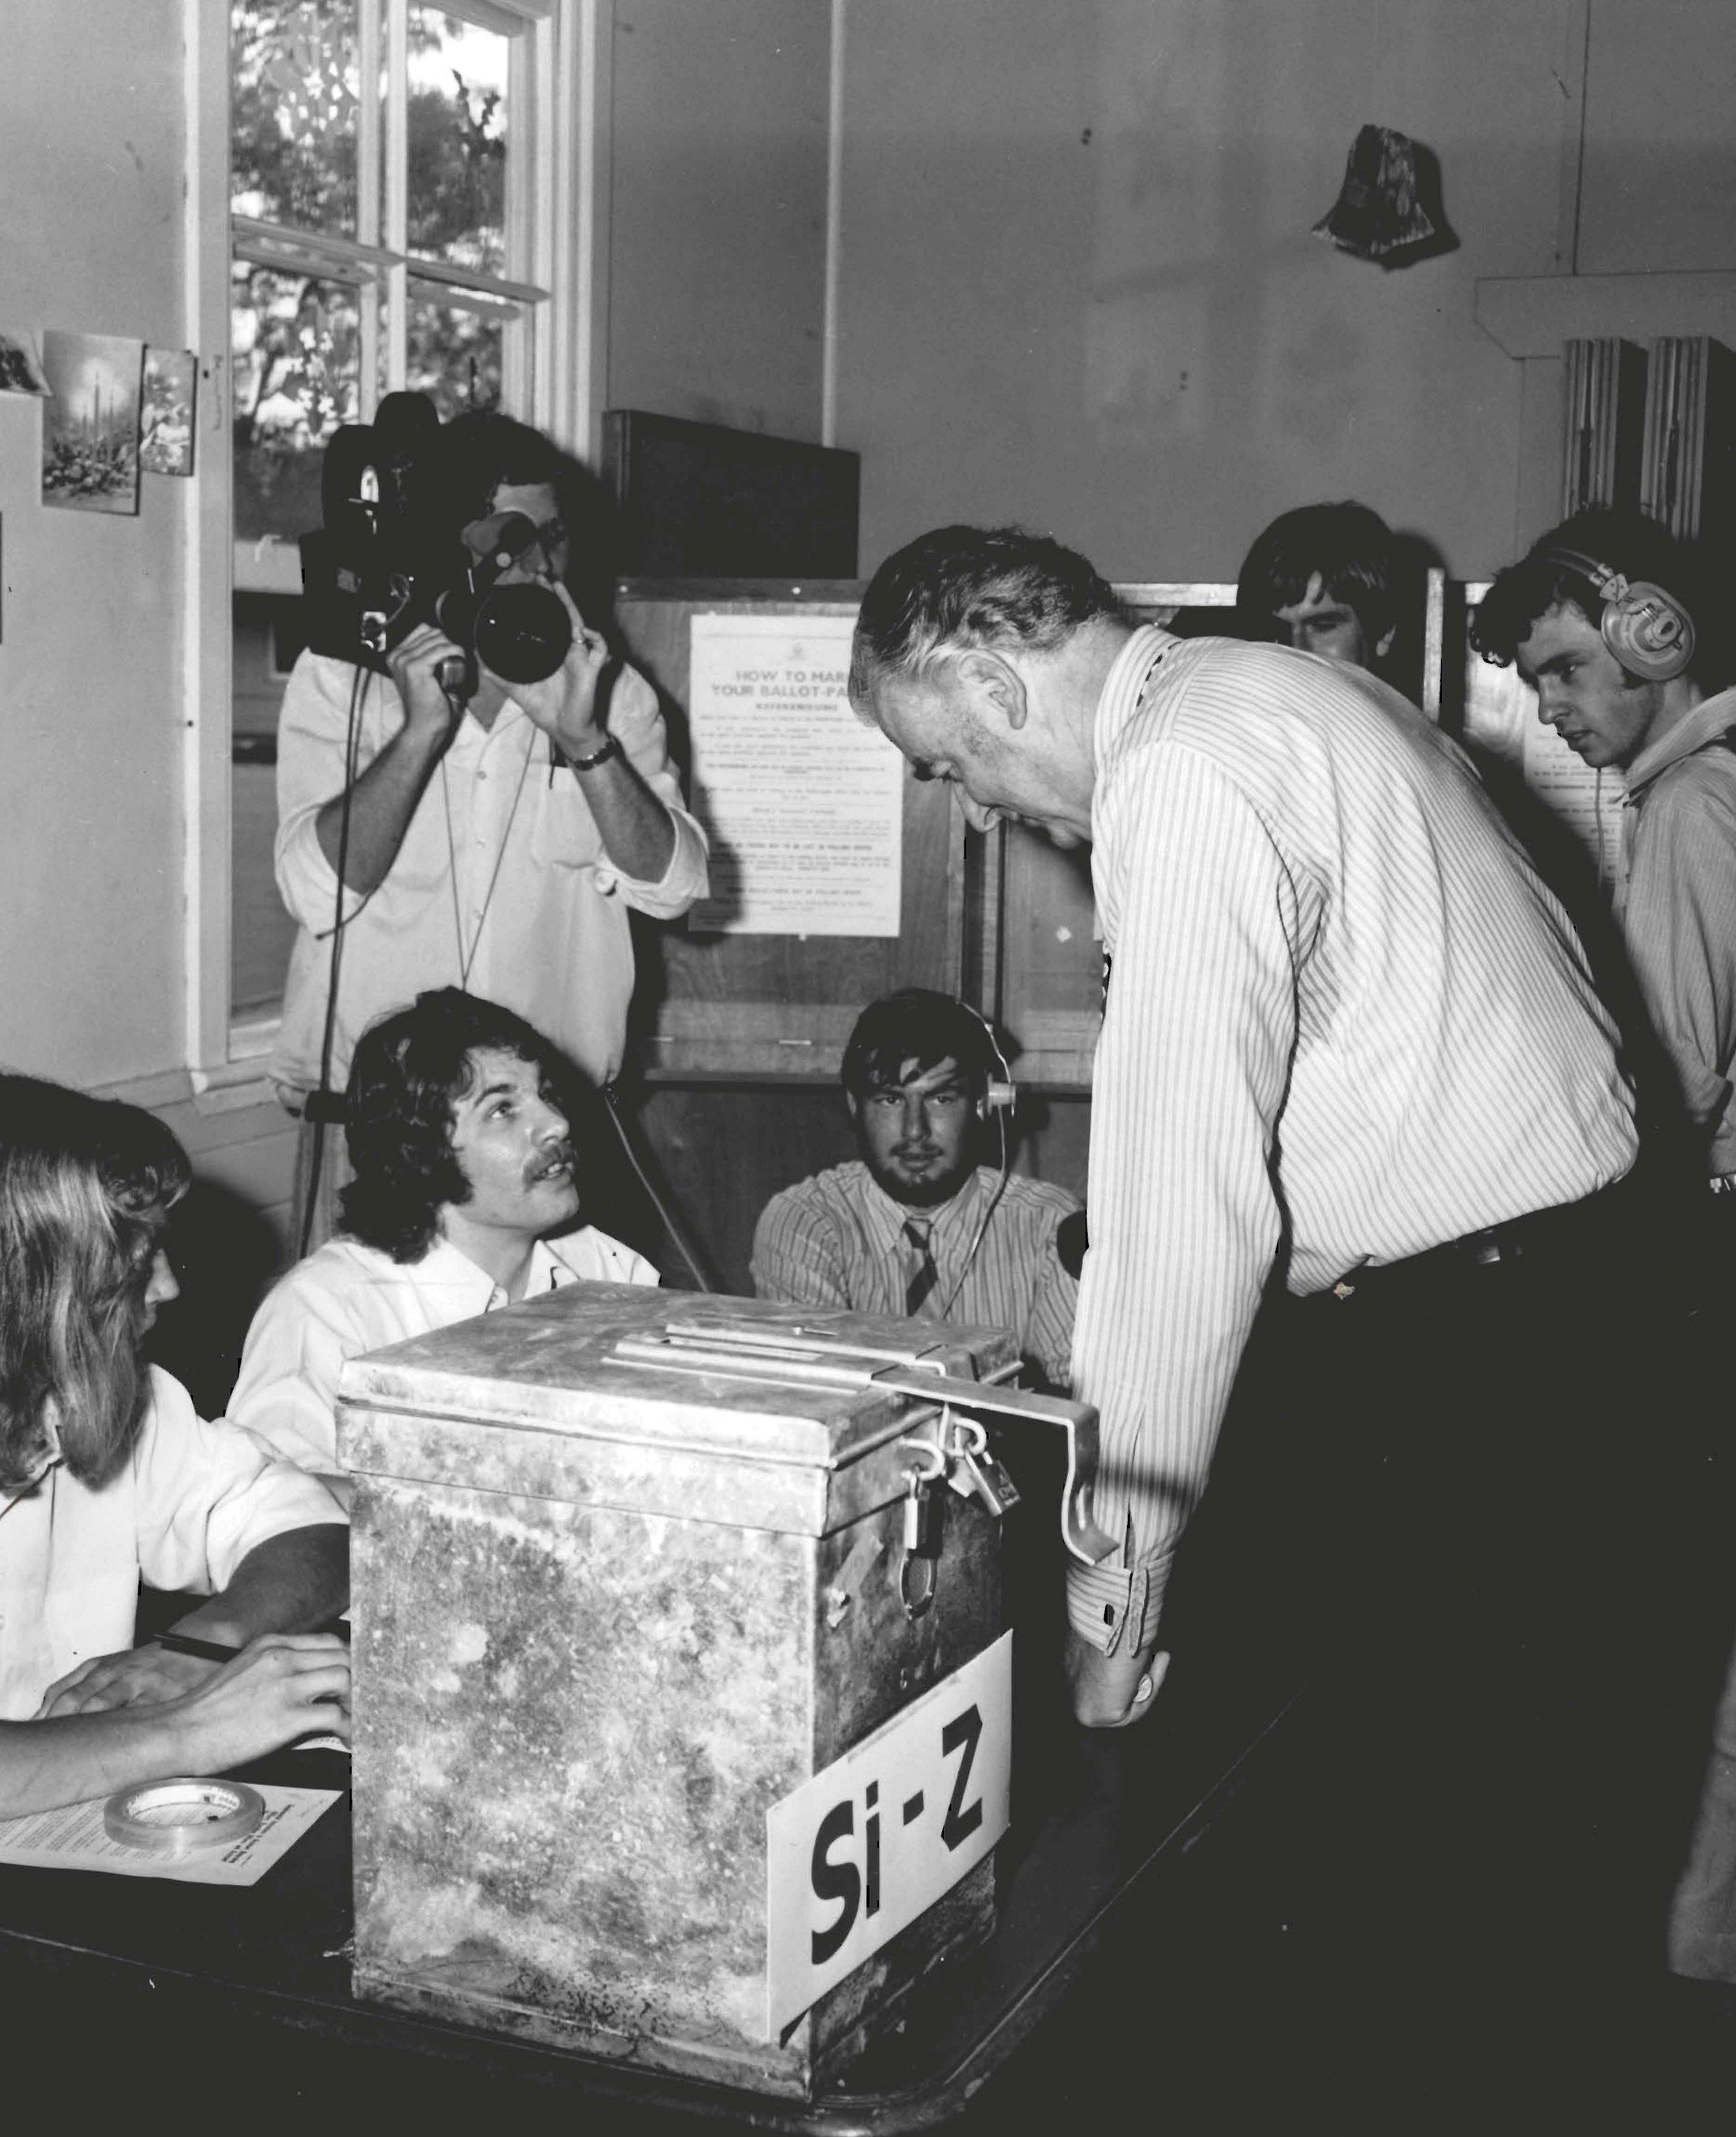 Gough Whitlam casting his vote